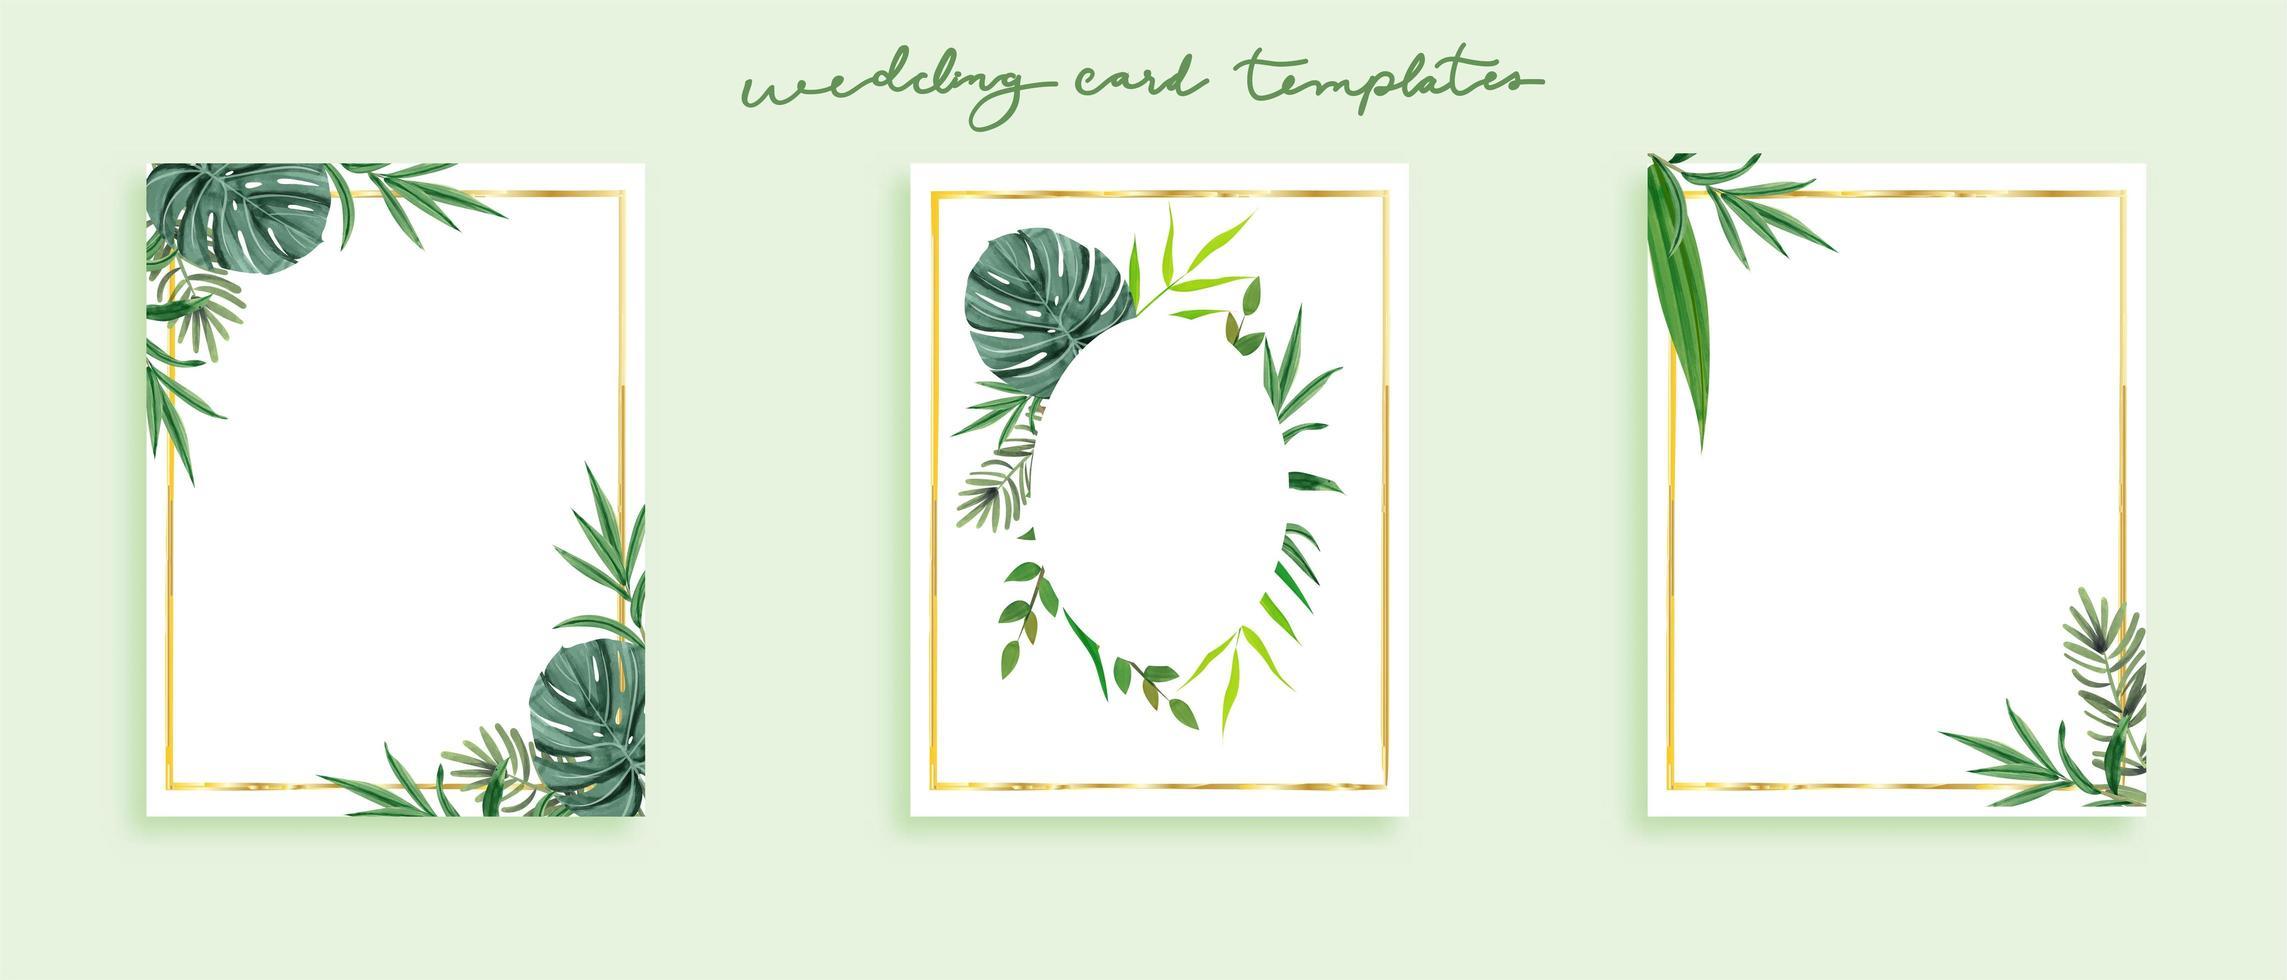 Härlig uppsättning vilda blad för bröllopskortsmallar i grönt tema vektor